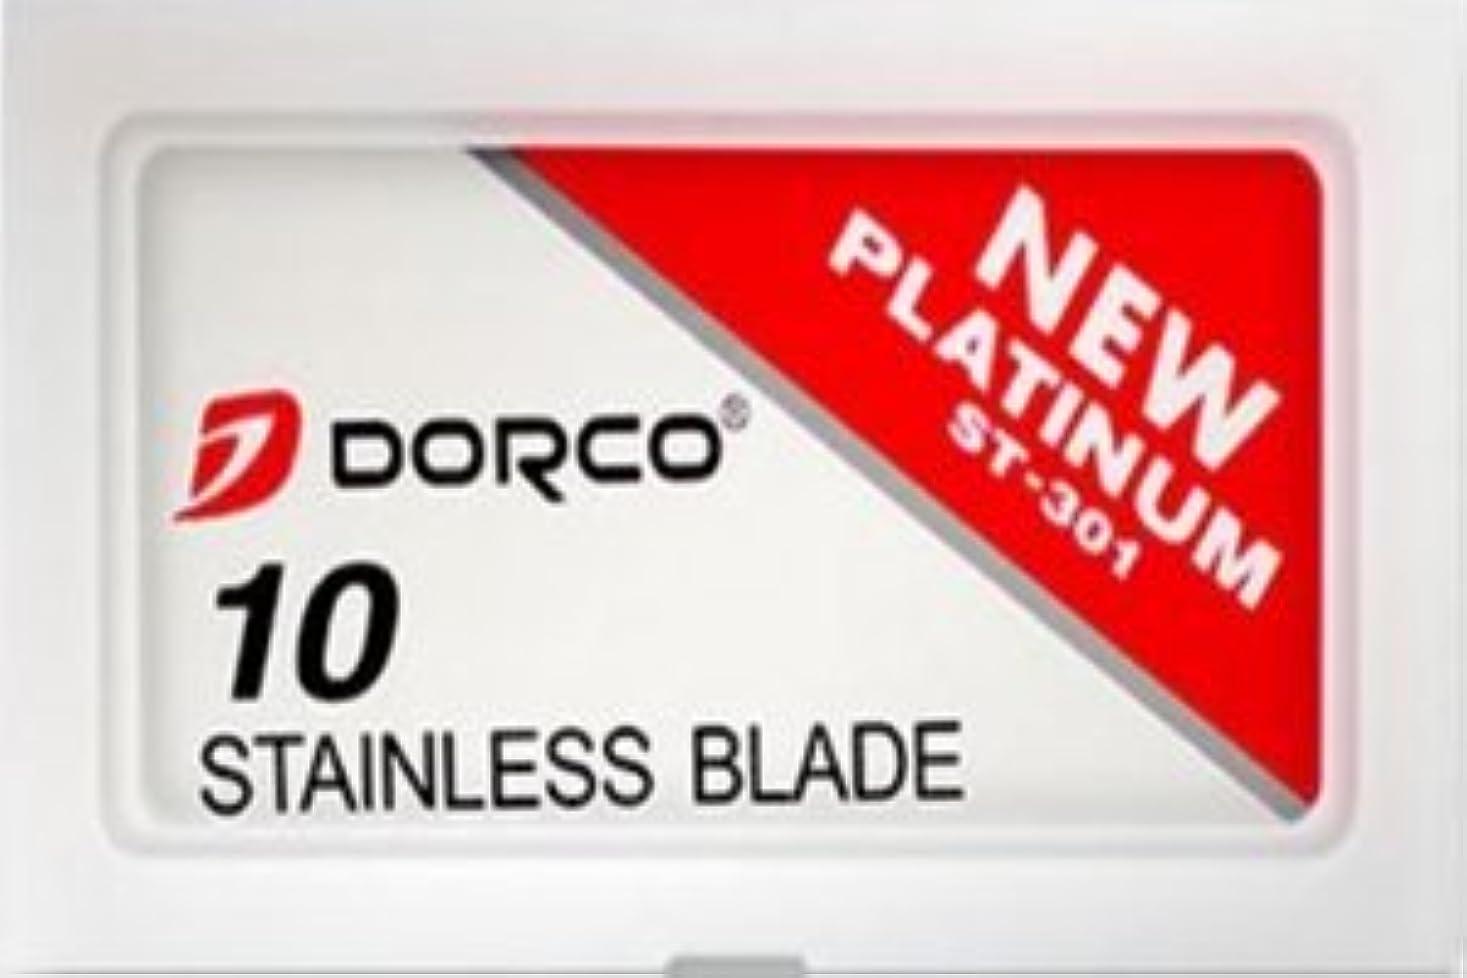 ビジネスアブセイ兵隊Dorco ST-301 Stainless 両刃替刃 10枚入り(10枚入り1 個セット)【並行輸入品】